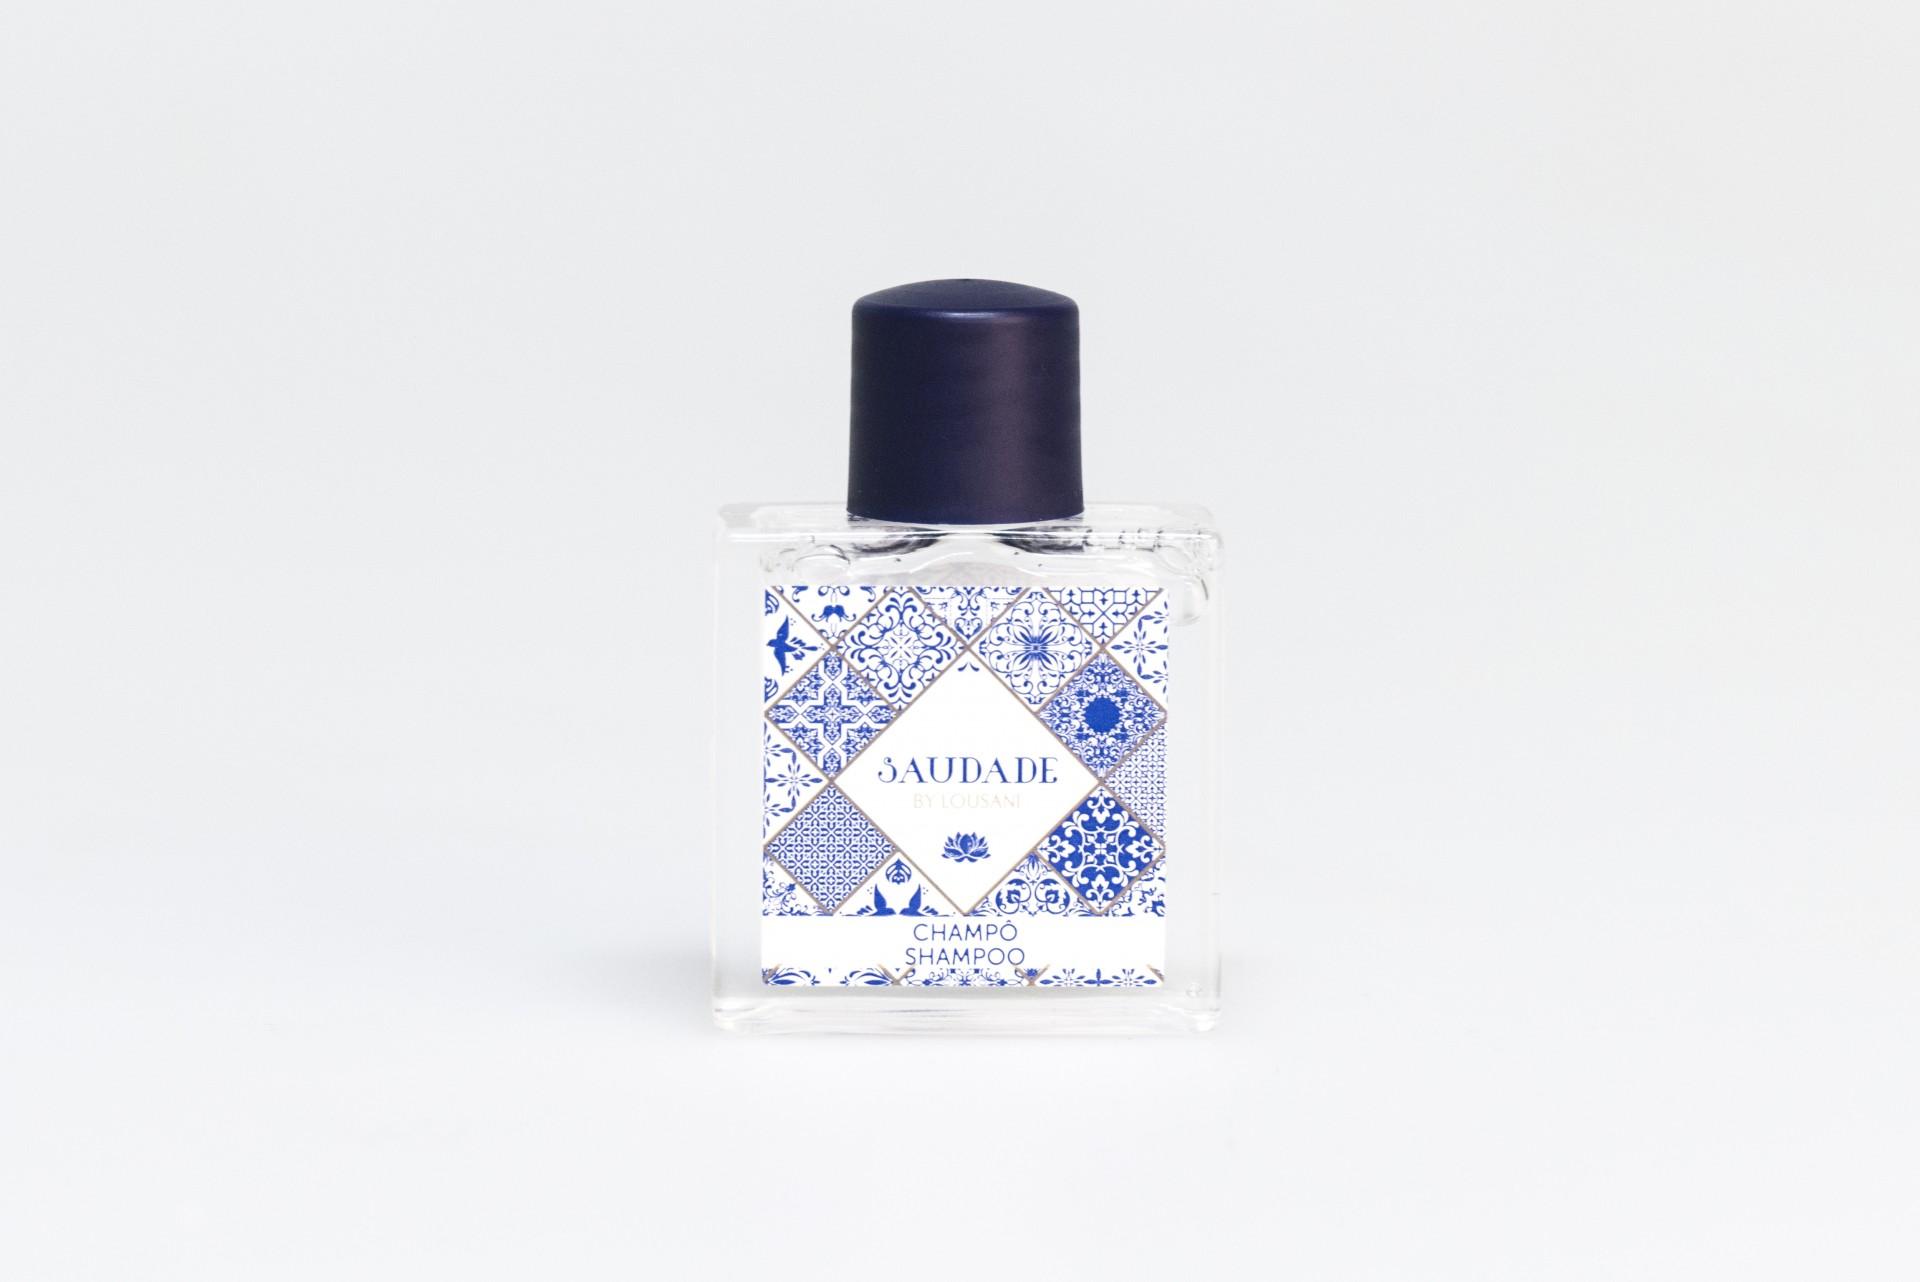 Frasco quadrado 30 ml Shampoo Saudade